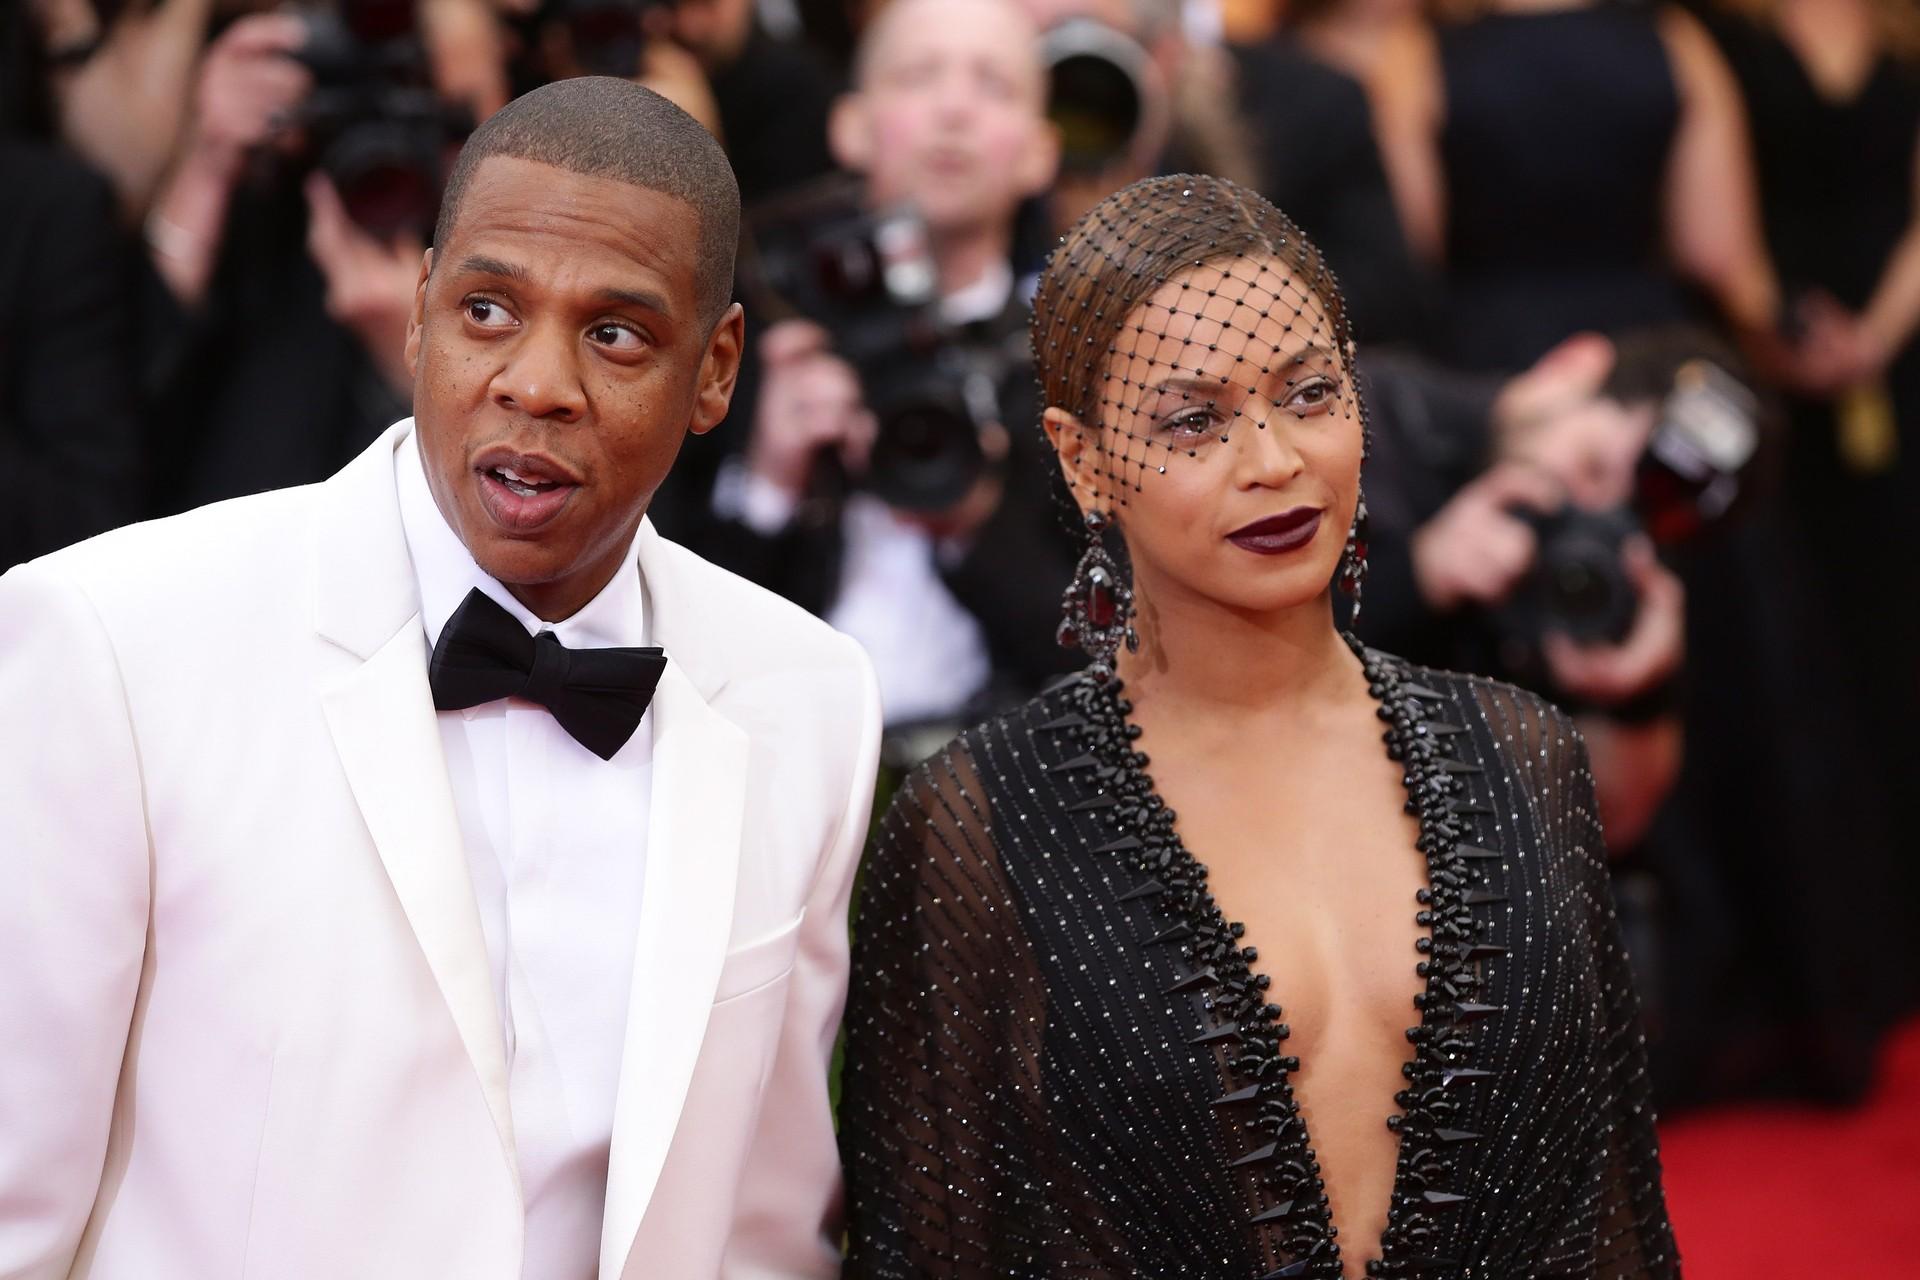 O trono do pop pertence a eles. Juntos desde 2008, Jay-Z e Beyoncé tiveram uma filha, Blue Ivy Carter, em Janeiro de 2012 e constantemente atuam no palco e no estúdio lado a lado. Ano passado, fizeram juntos US$ 95 milhões.  (Foto: Getty Images)